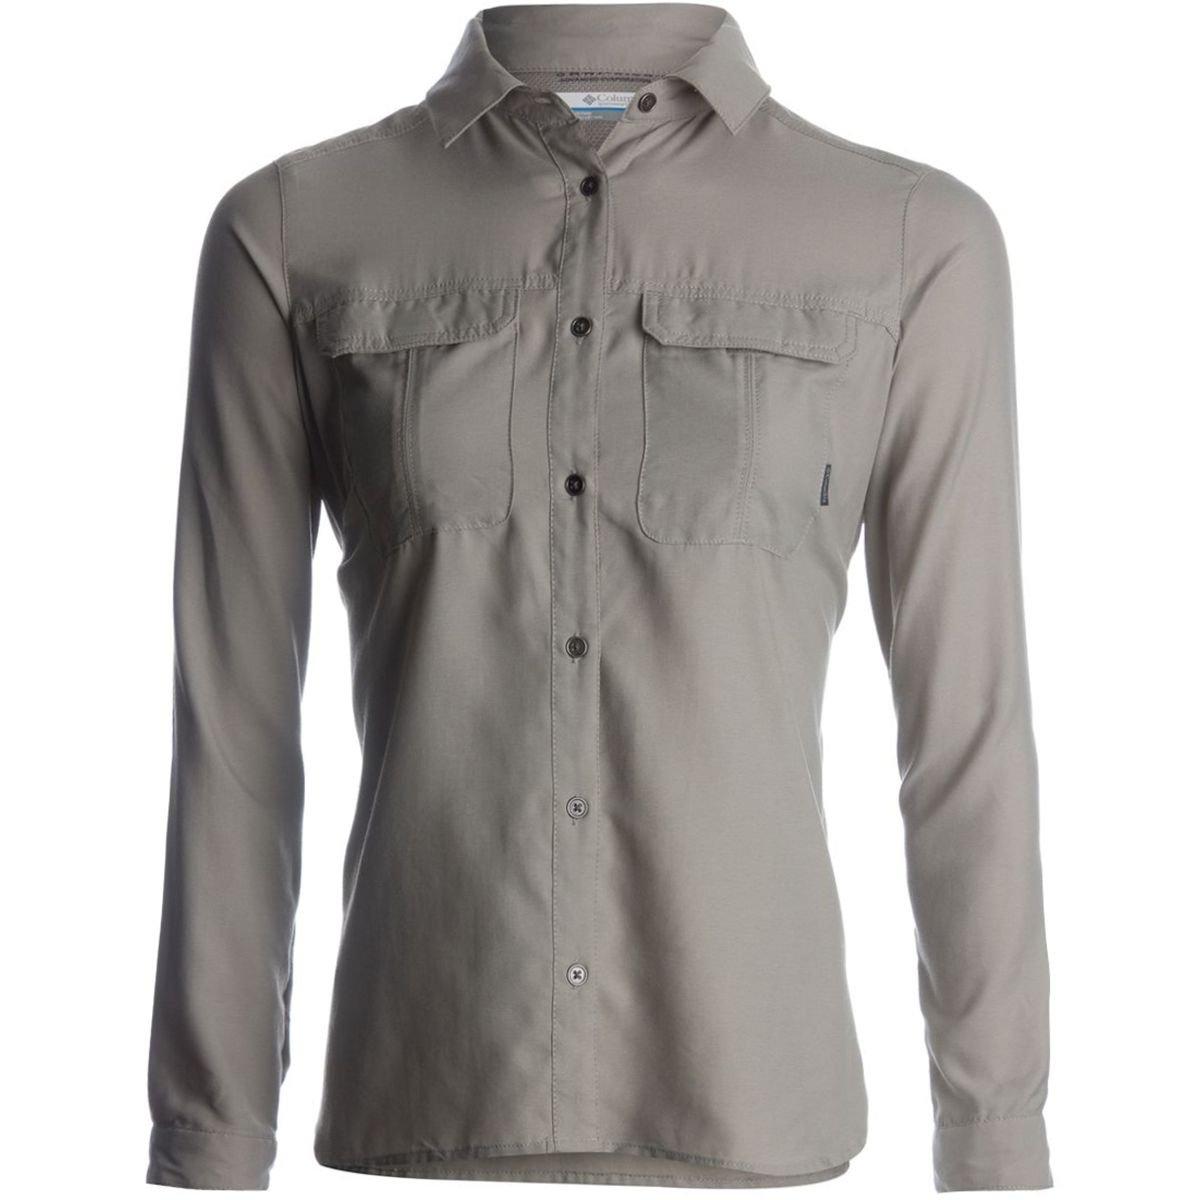 (コロンビア) Columbia Pilsner Peak II Shirt - Long-Sleeve - Women'sメンズ バックパック リュック Flint Grey Heather [並行輸入品]   B077NB5QYH